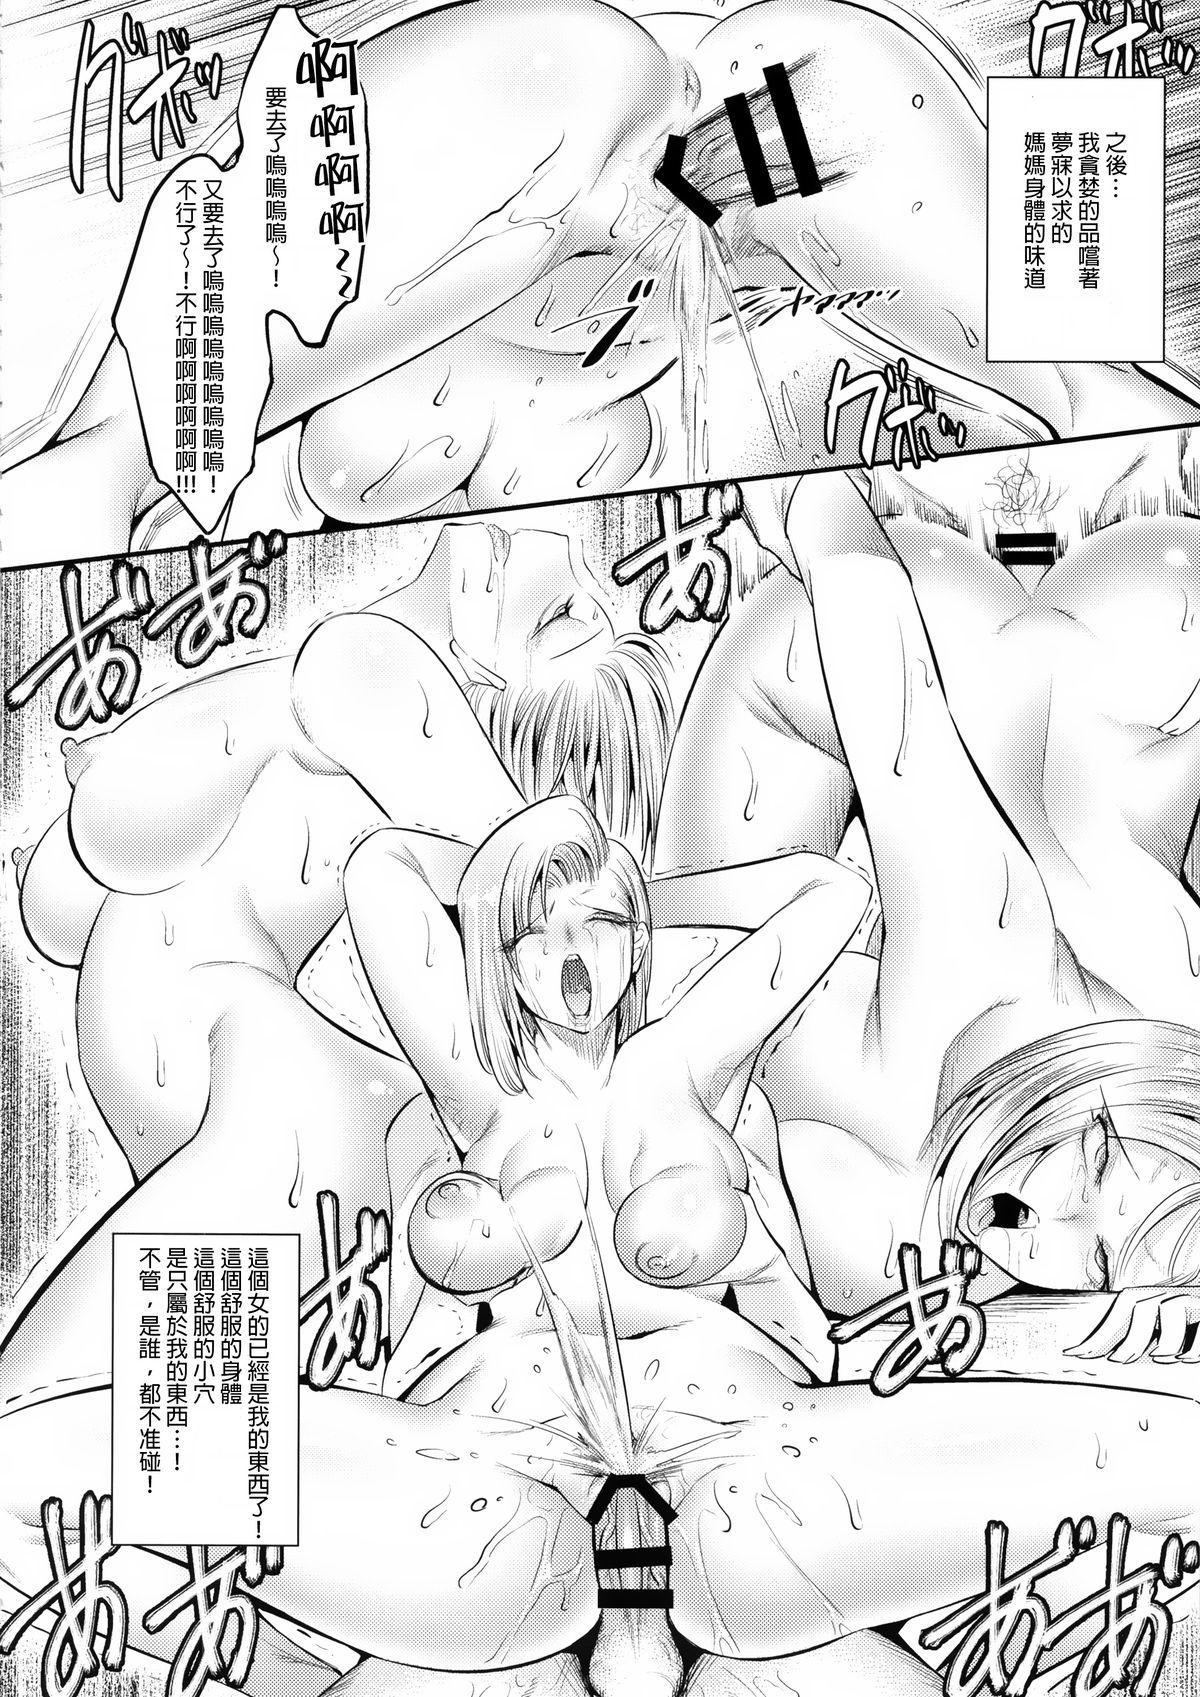 18-gou ga Yasashiku Fudeoroshi Shite Kureru Hon 24